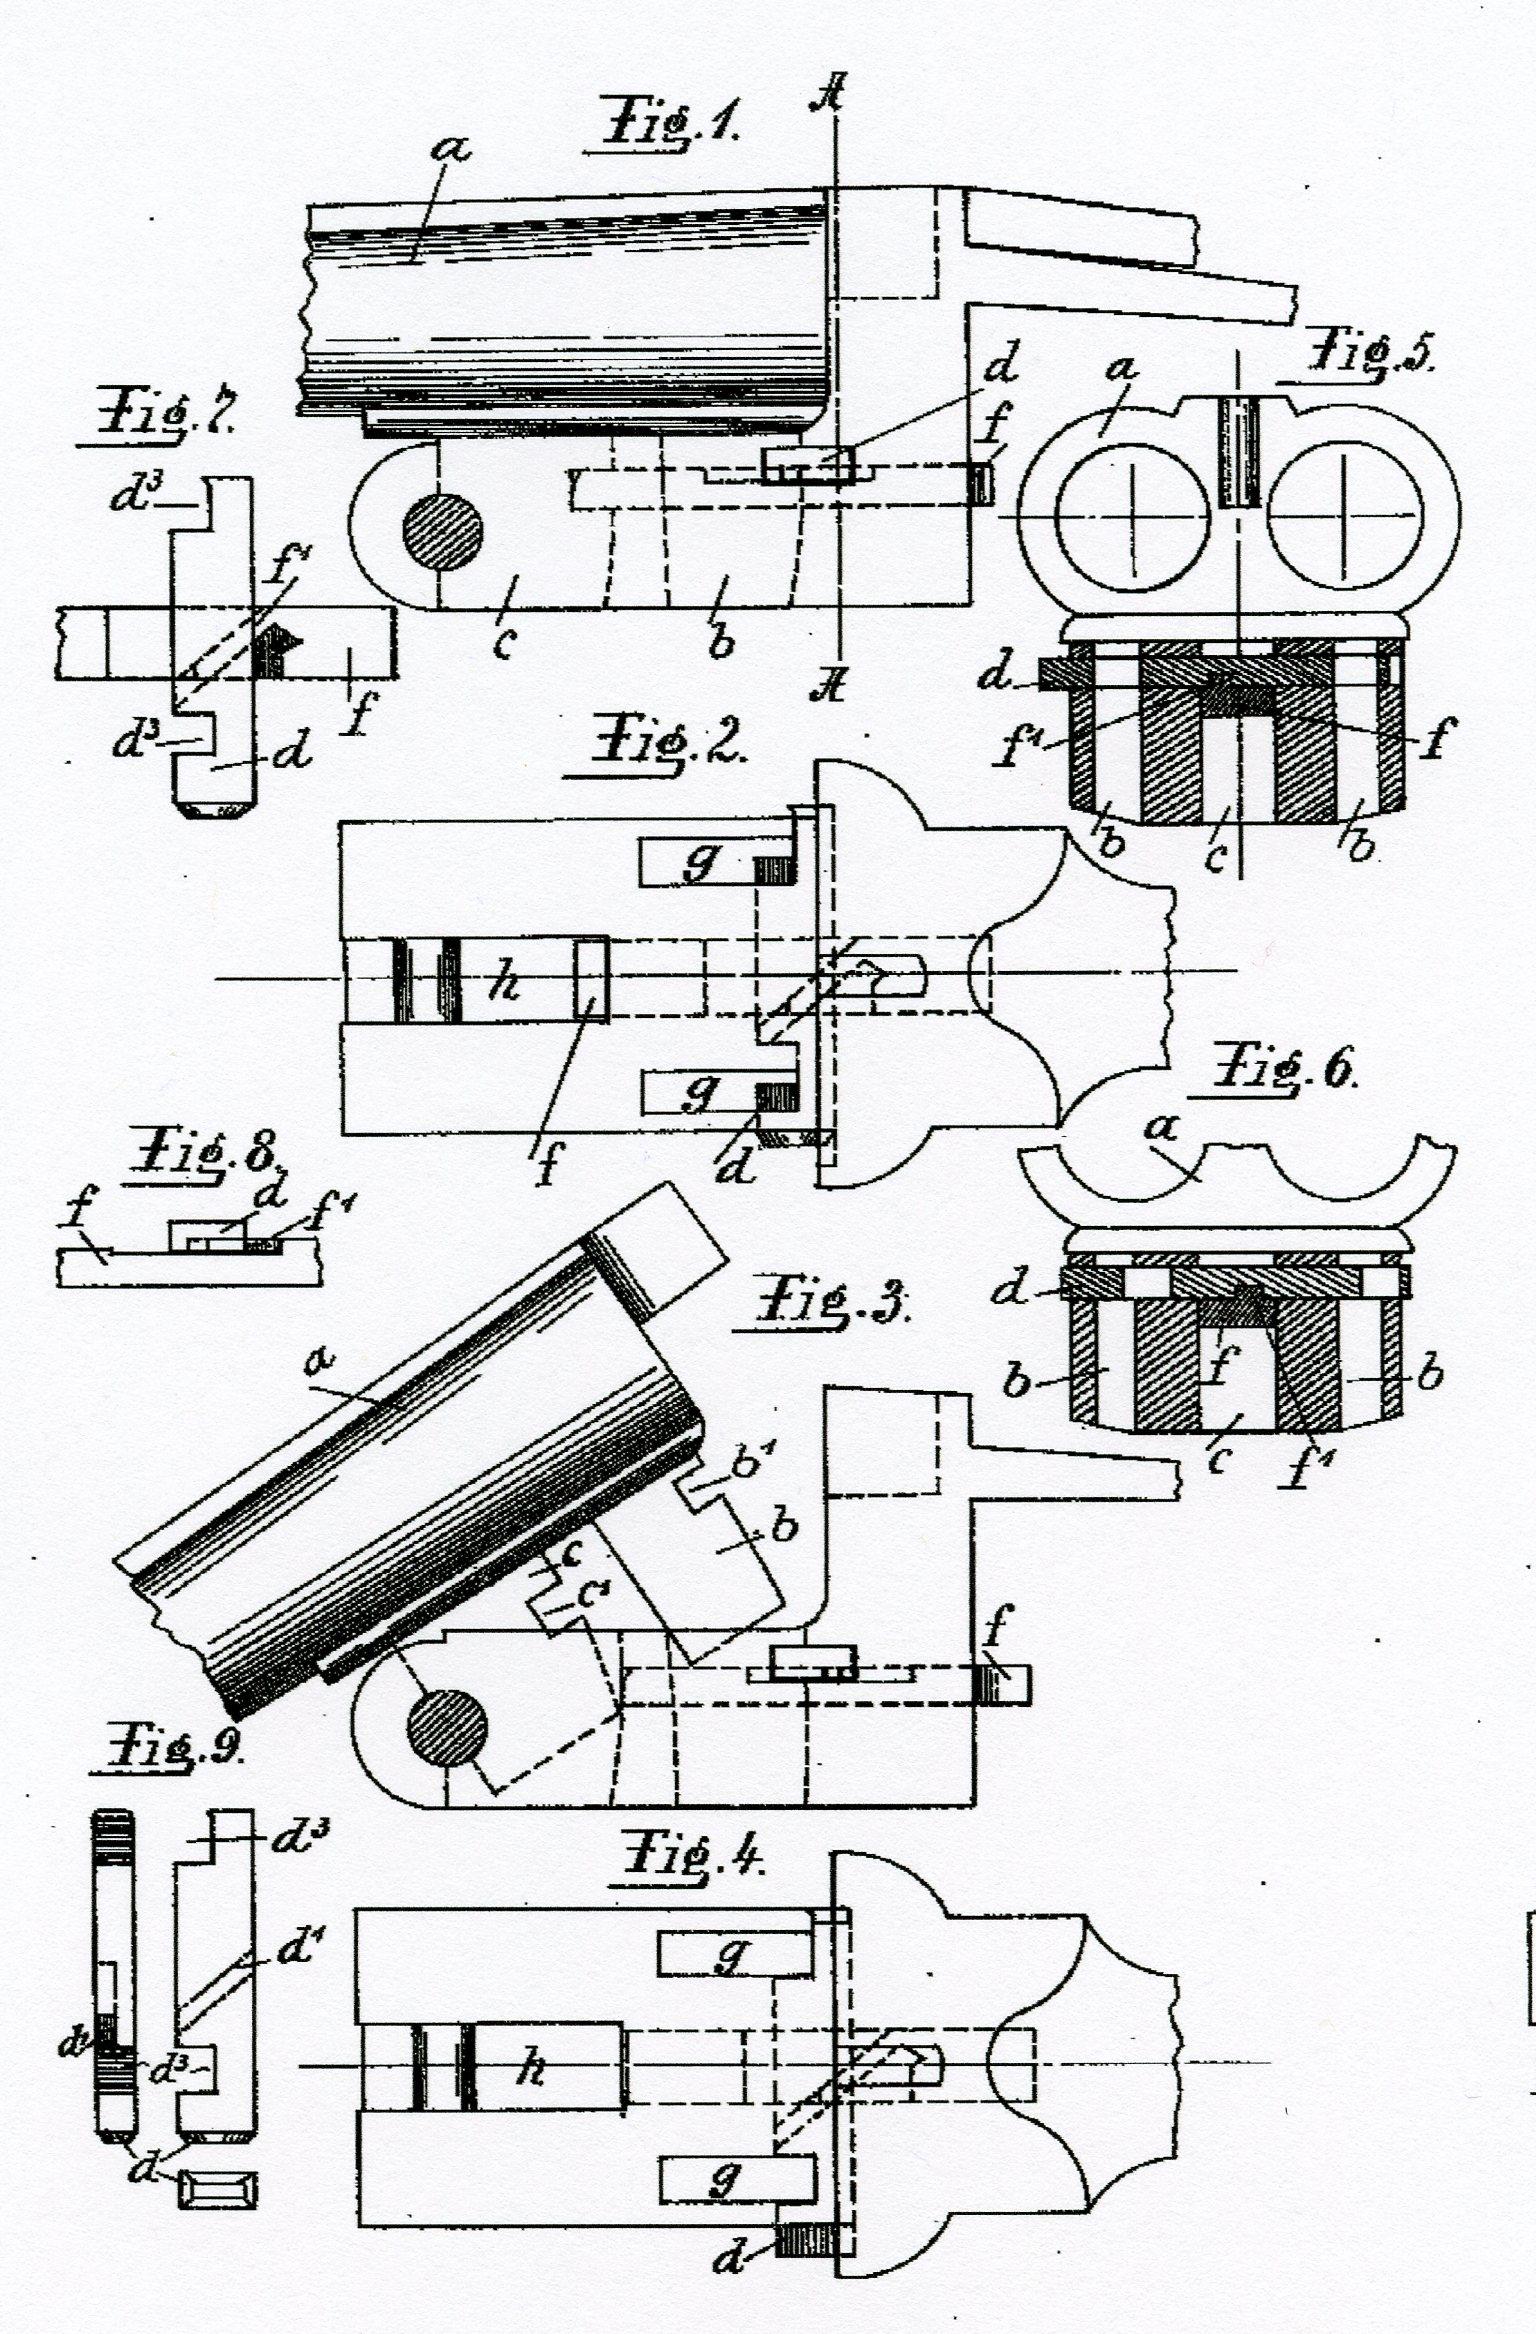 Double Barrel Shotgun Drawing At Getdrawings